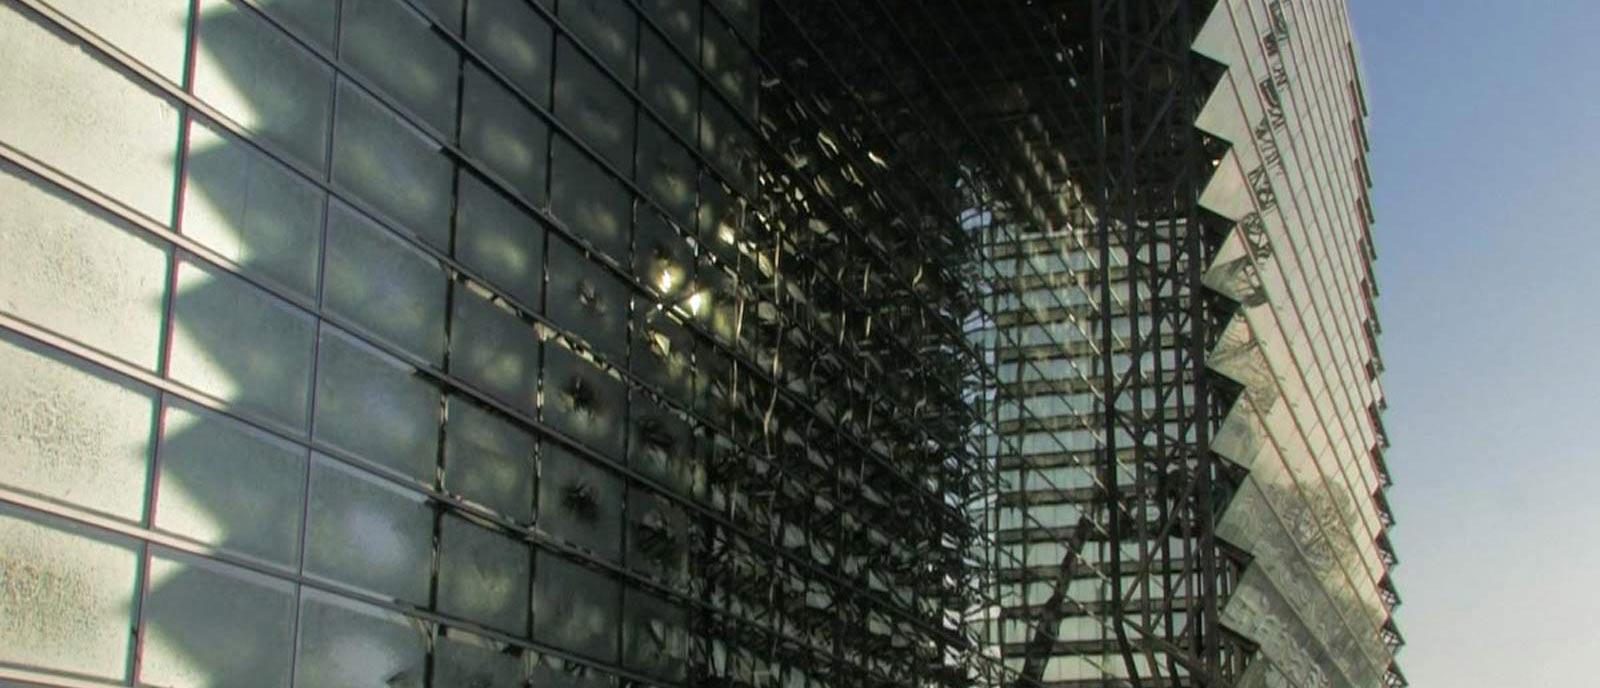 Lisa Violetta Gass Film Faltenwurf der Sonne